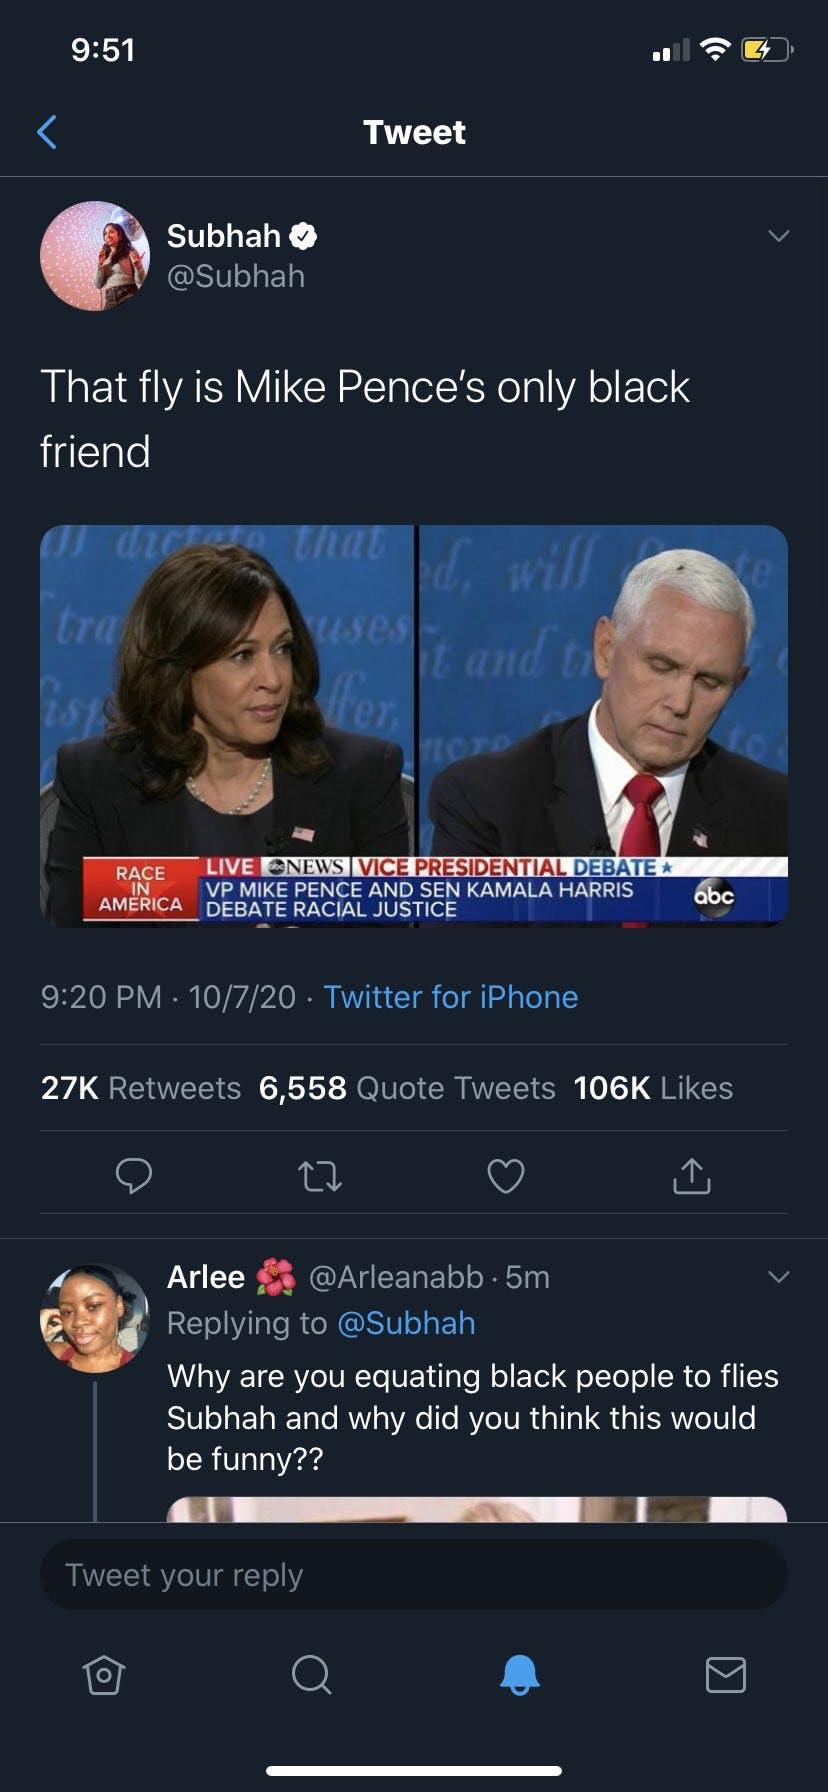 Mike Pence fly racist tweet